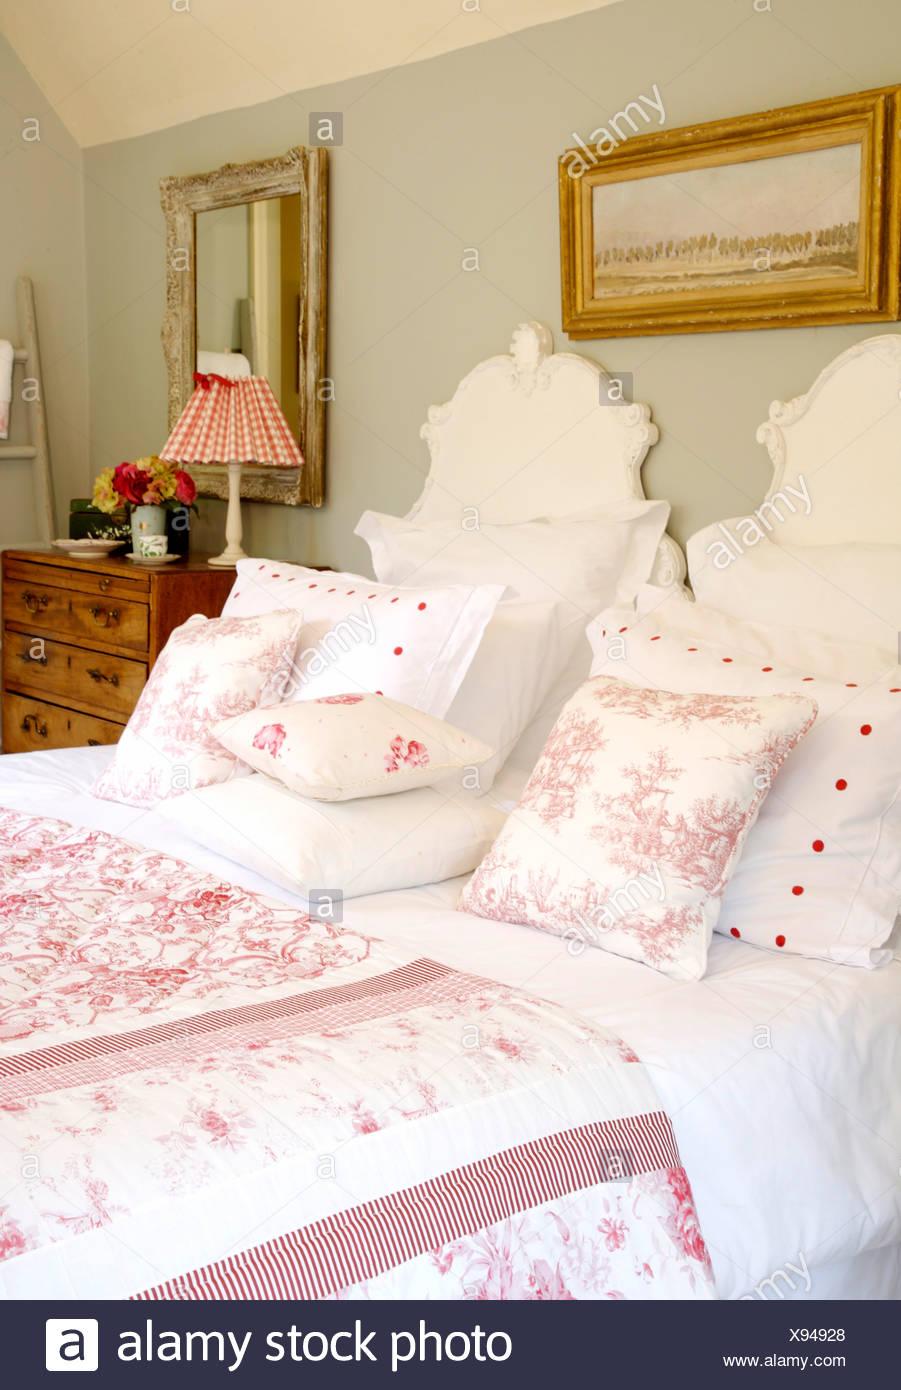 Oreillers blanc et rose Toile de Jouy coussins et couette sur lit ...